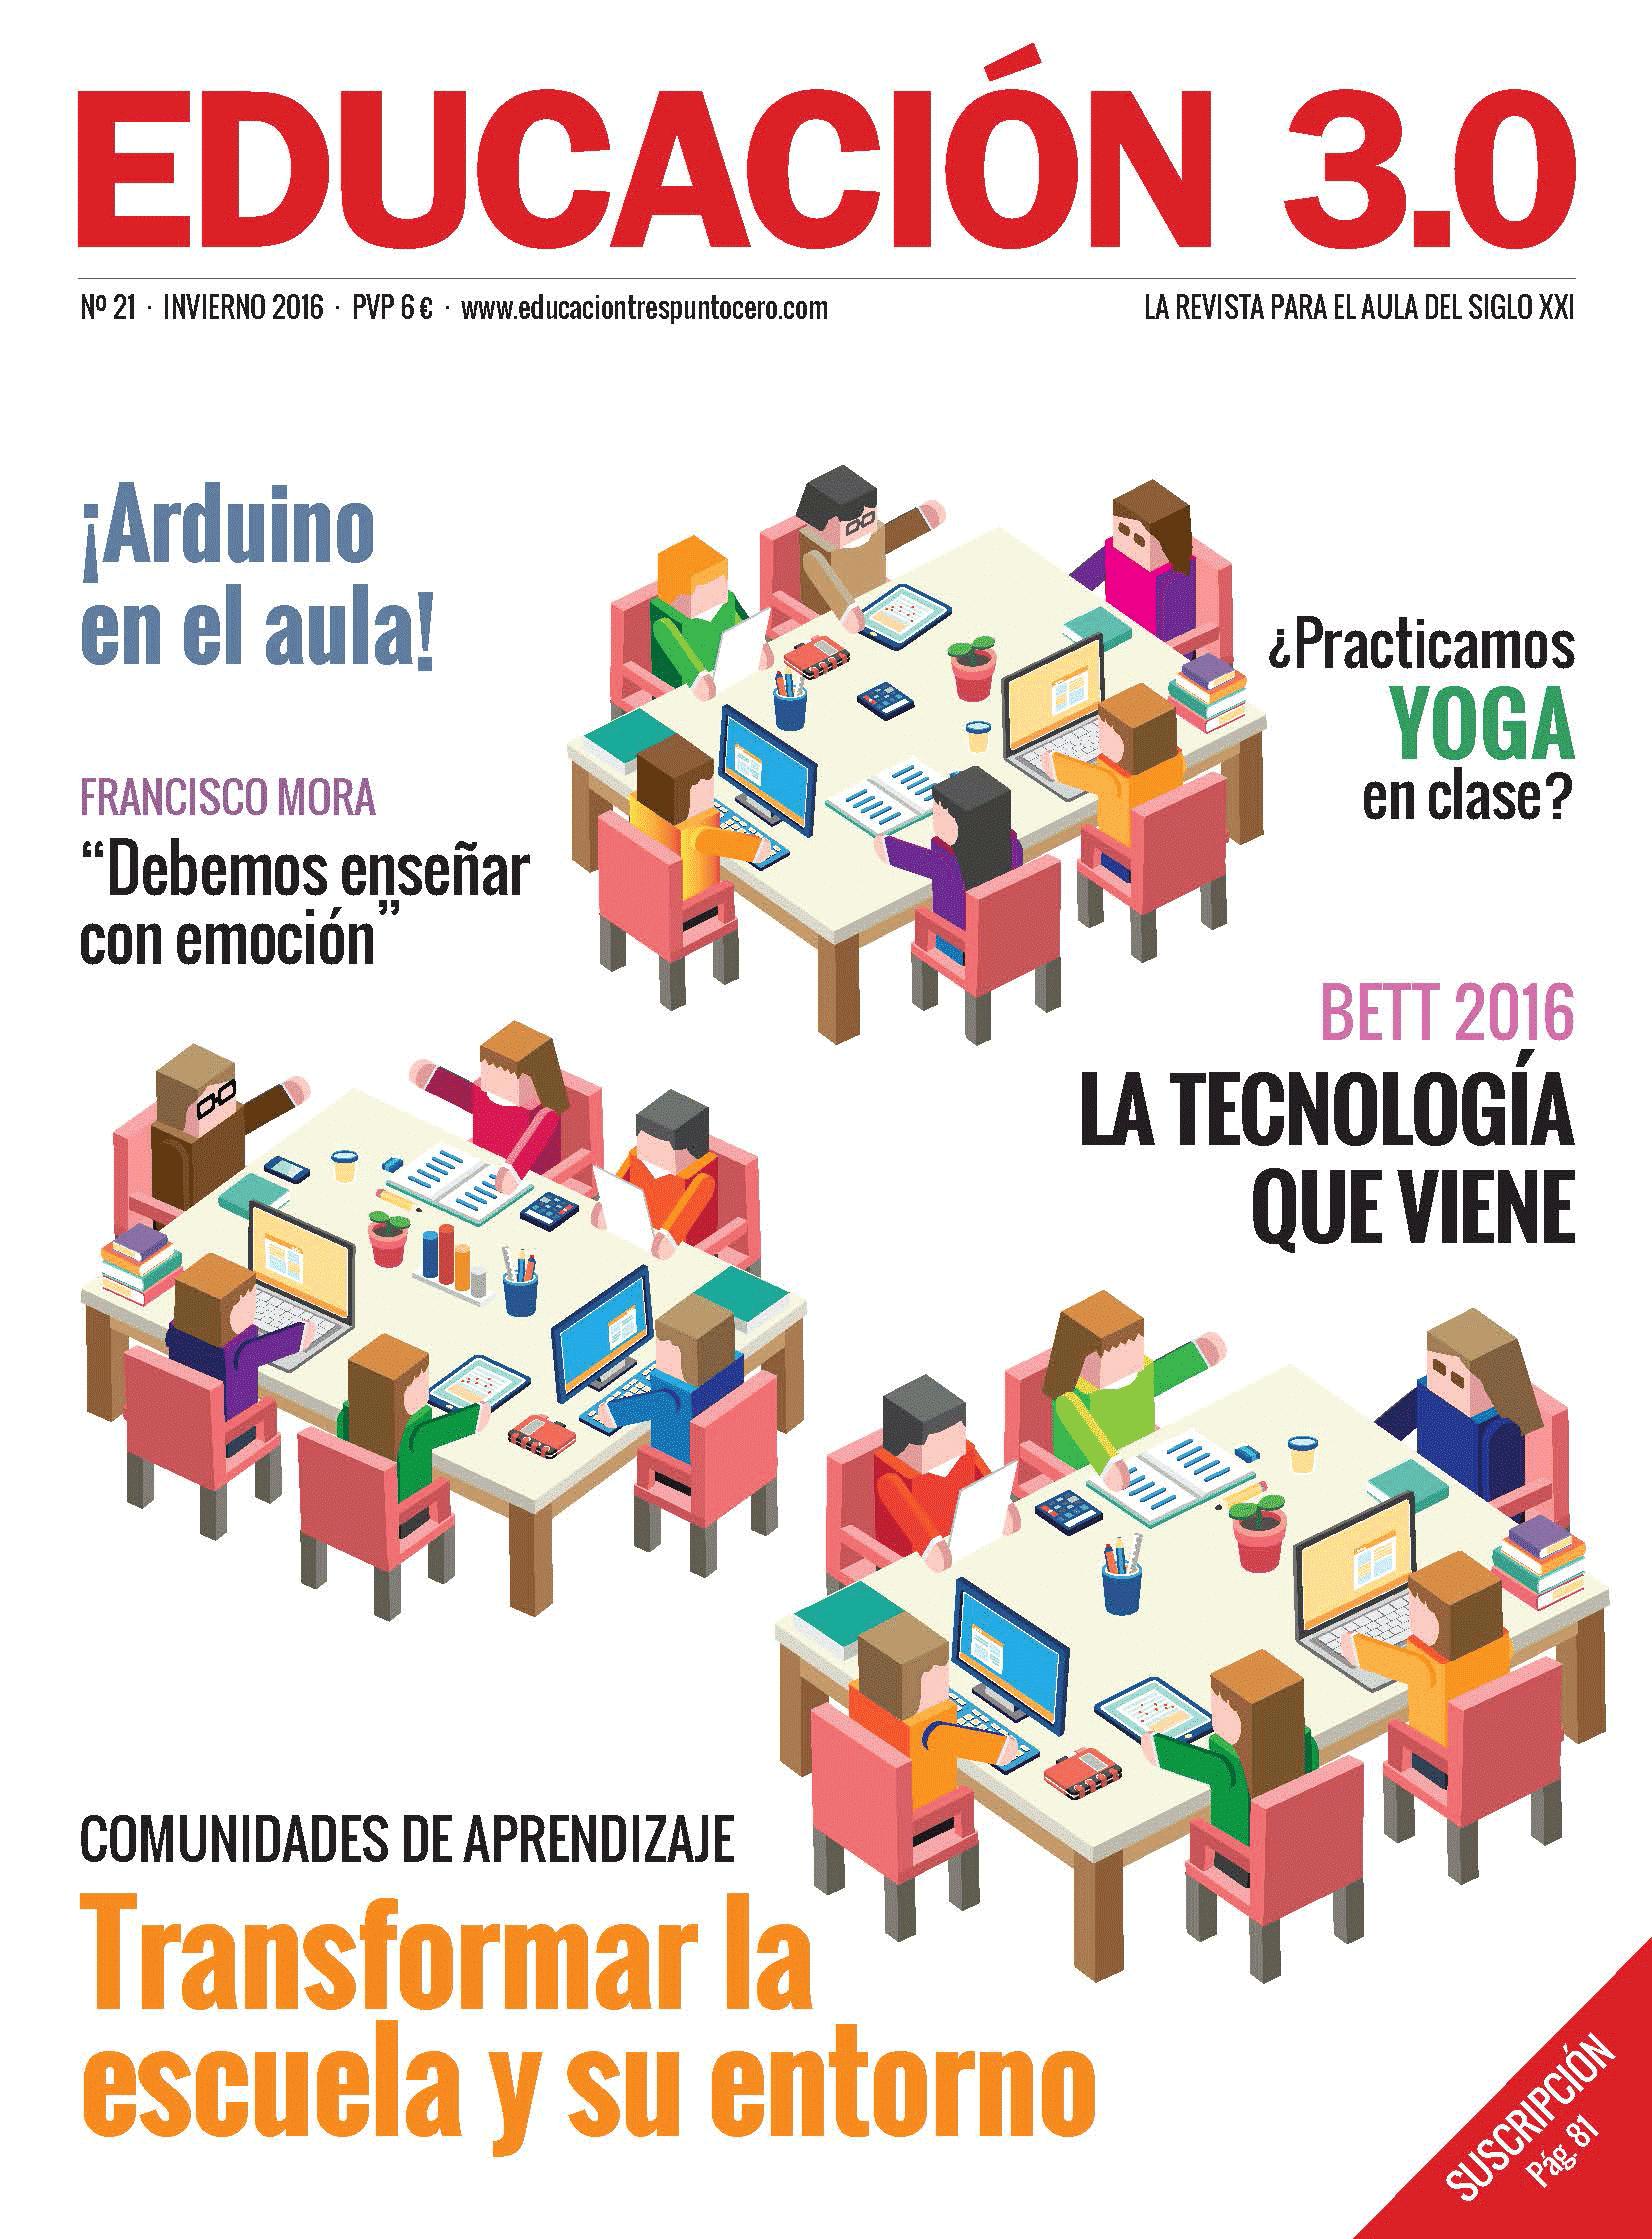 ¡Nº 21 de la Revista Educación 3.0 impresa! 2